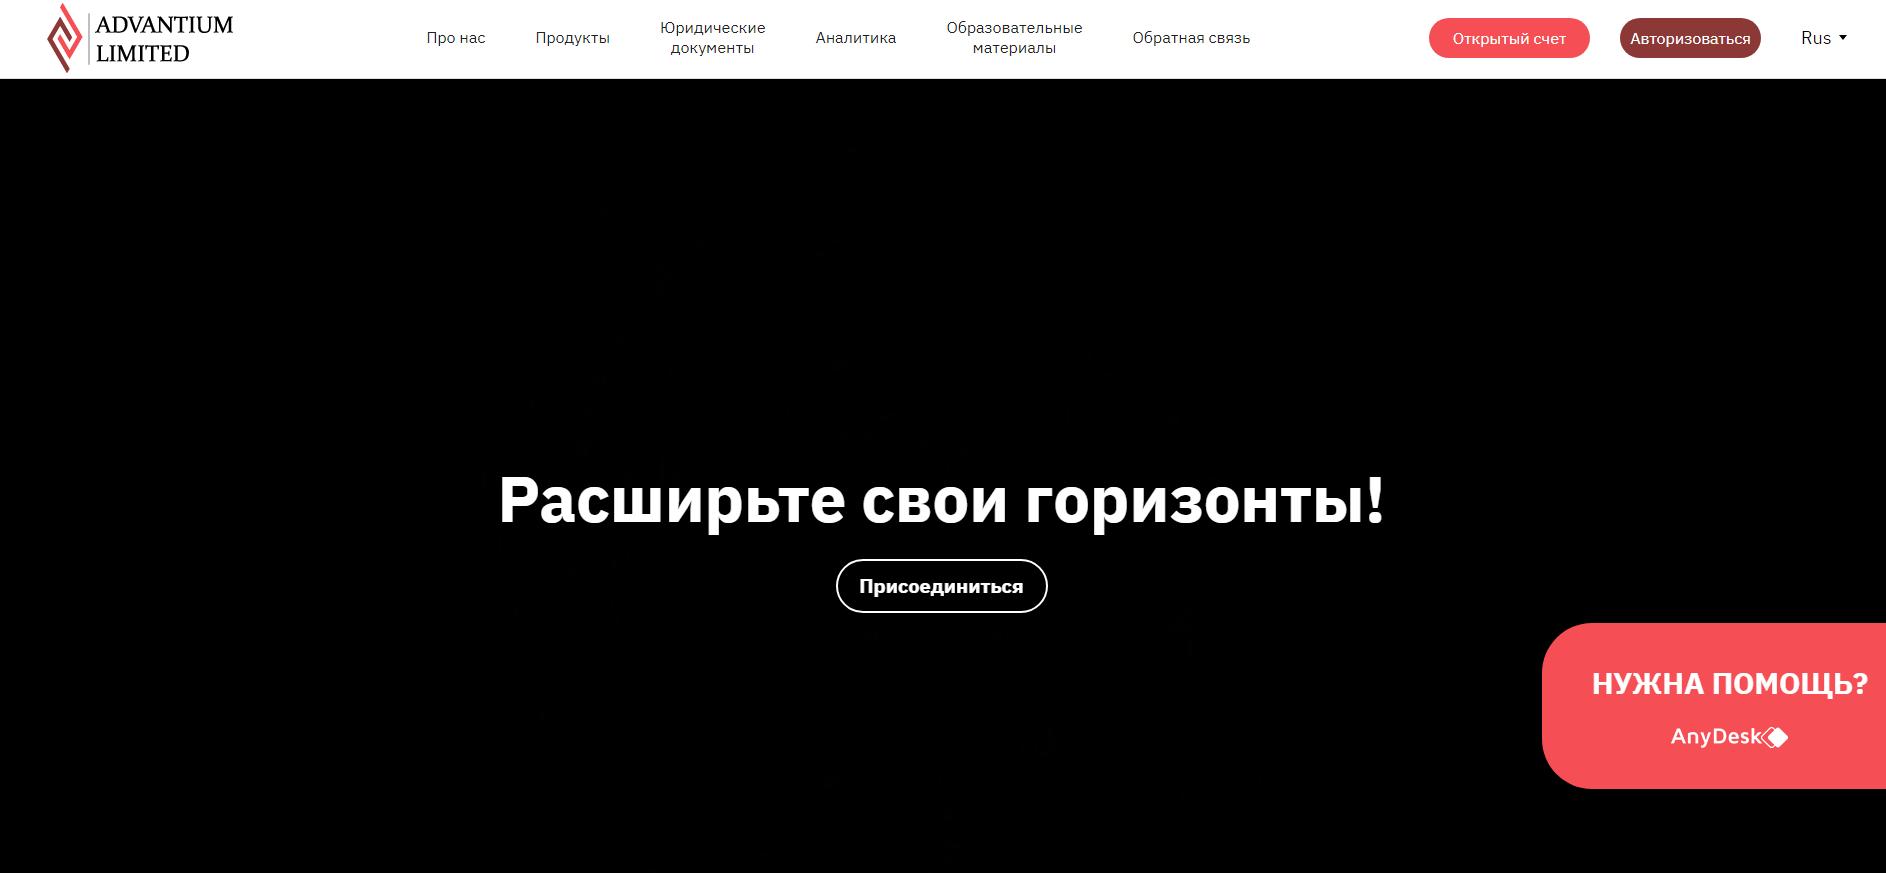 advantium limited официальный сайт брокера